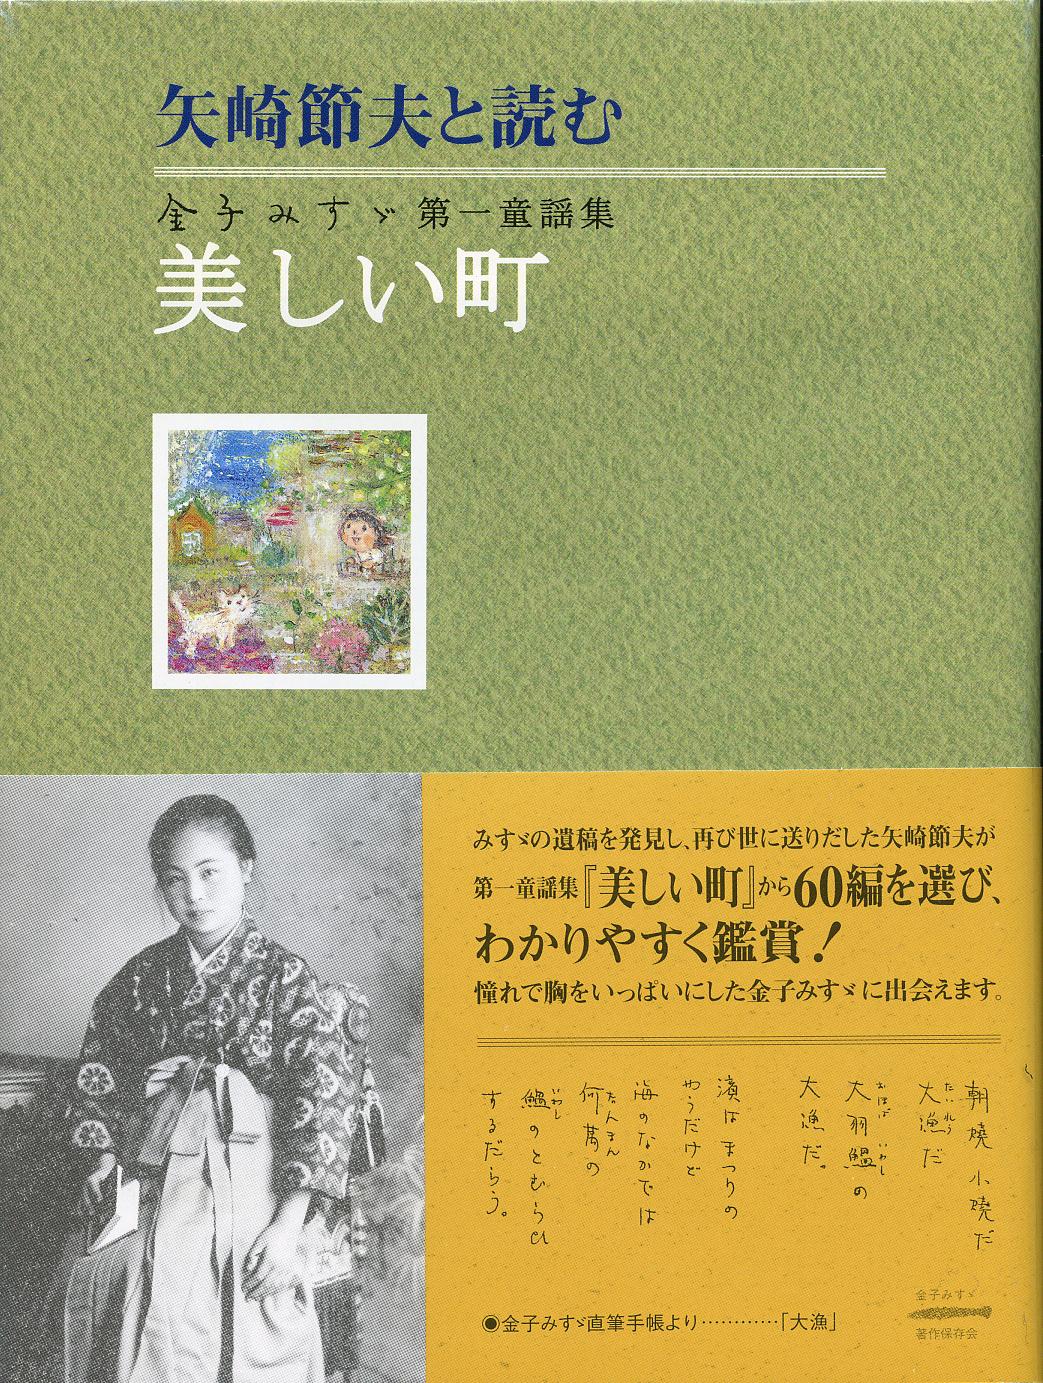 矢崎節夫と読む金子みすゞ第一童謡集 美しい町